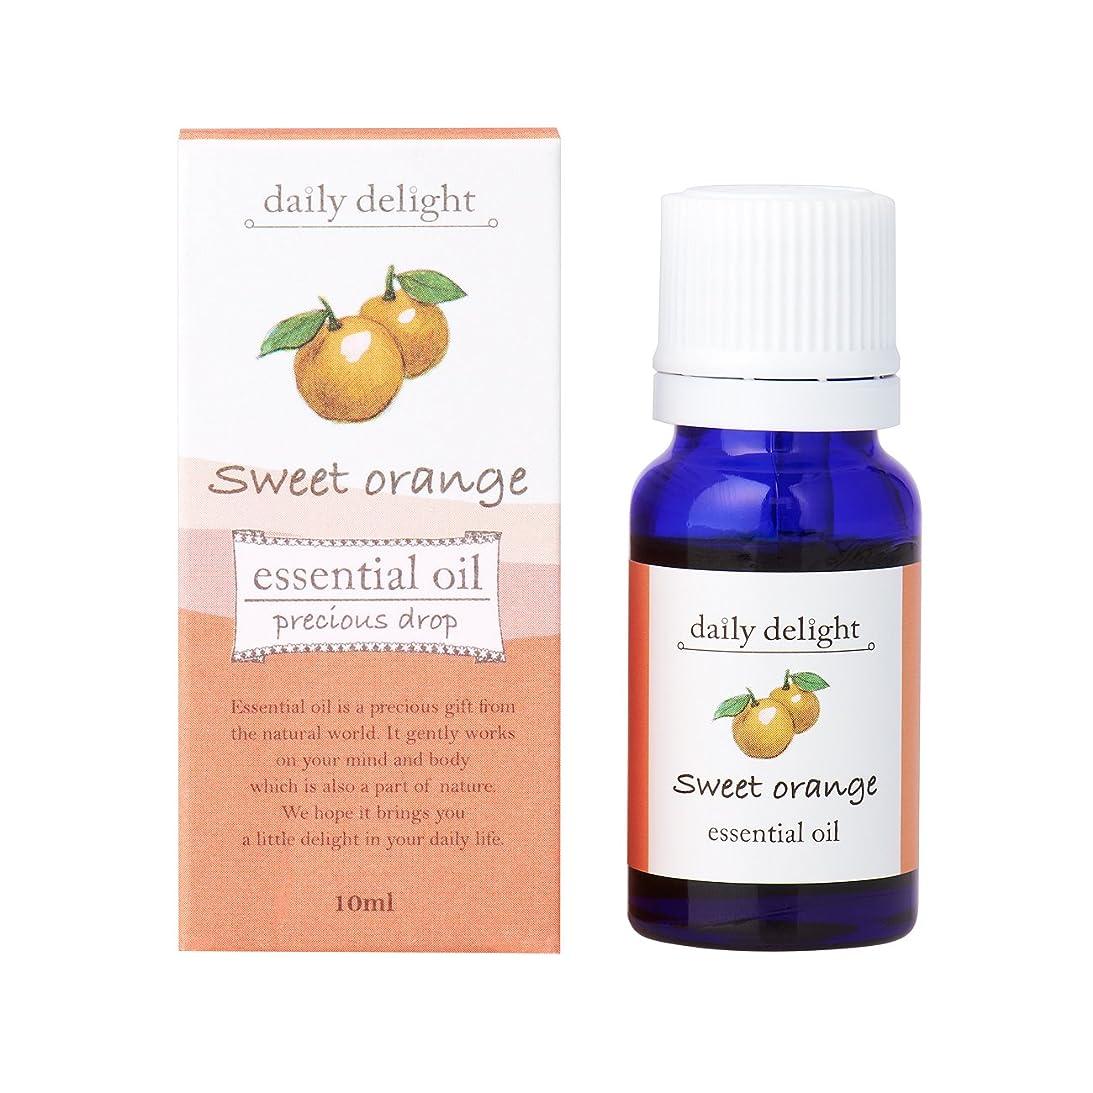 材料眉をひそめるサーマルデイリーディライト エッセンシャルオイル  スイートオレンジ 10ml(天然100% 精油 アロマ 柑橘系 フルーティで甘く爽やかな香り)